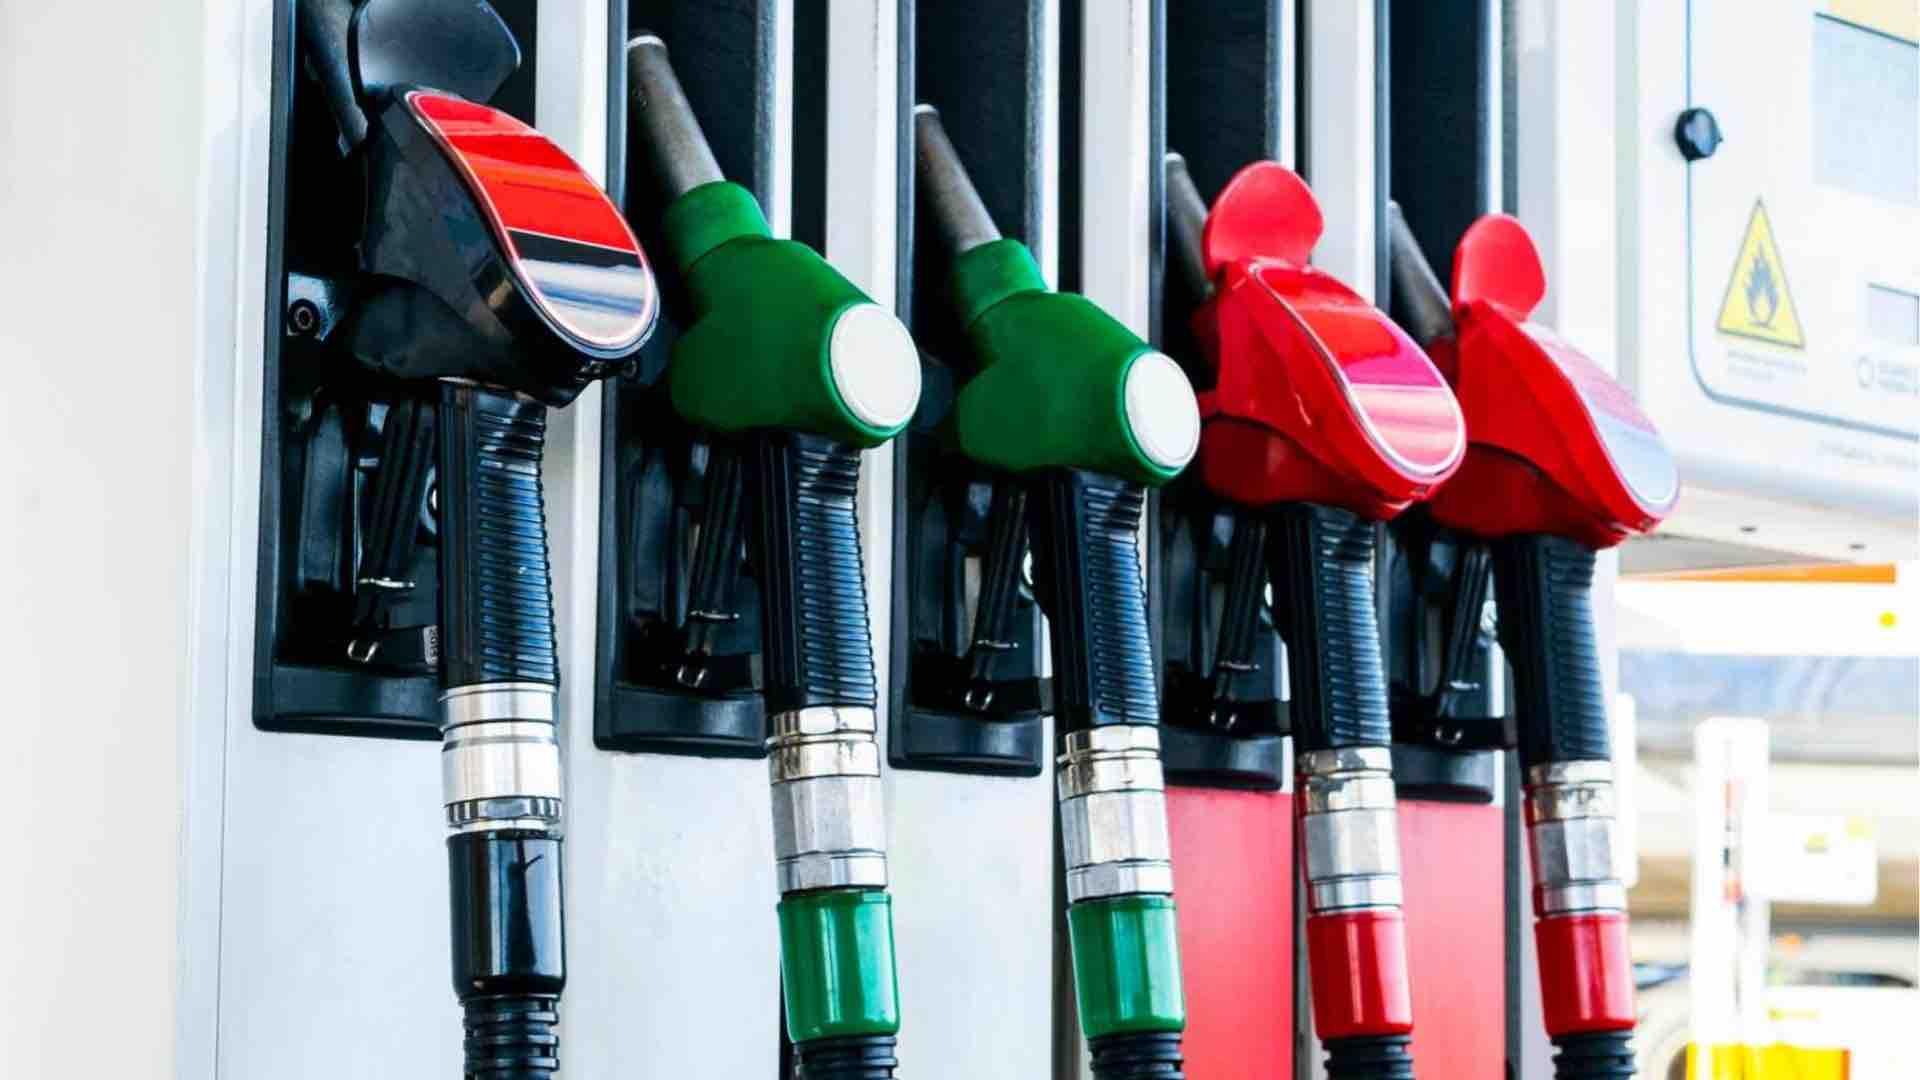 FIAP Valori indicativi di riferimento dei costi di esercizio v8. Dato del costo del gasolio del mese di Gennaio 2020.